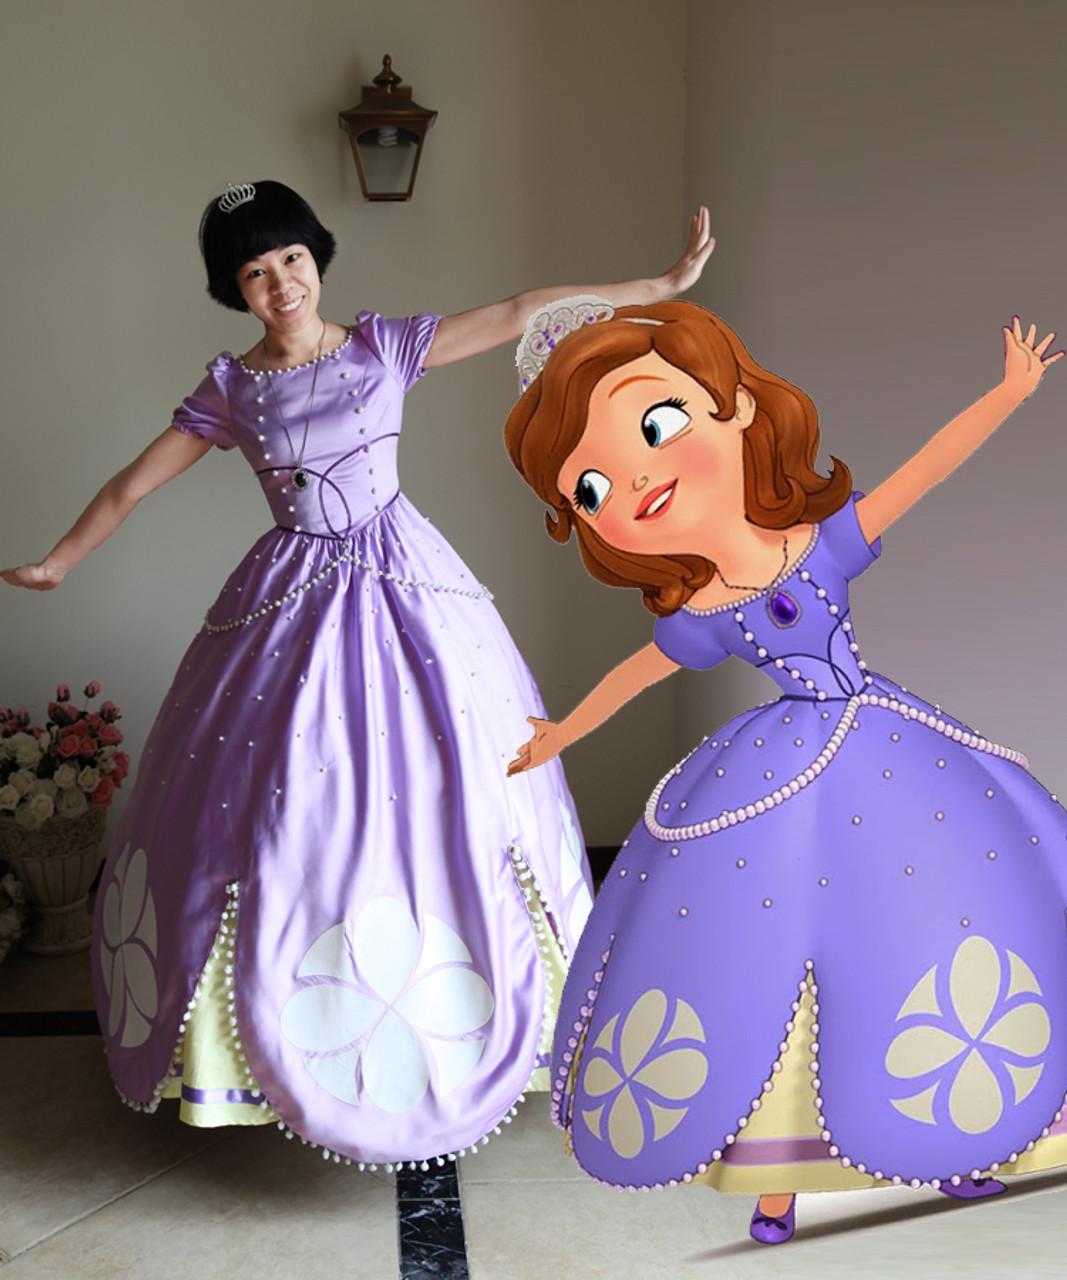 Disney Princess Sofia The First Cosplay Princess Sofia Costume Set